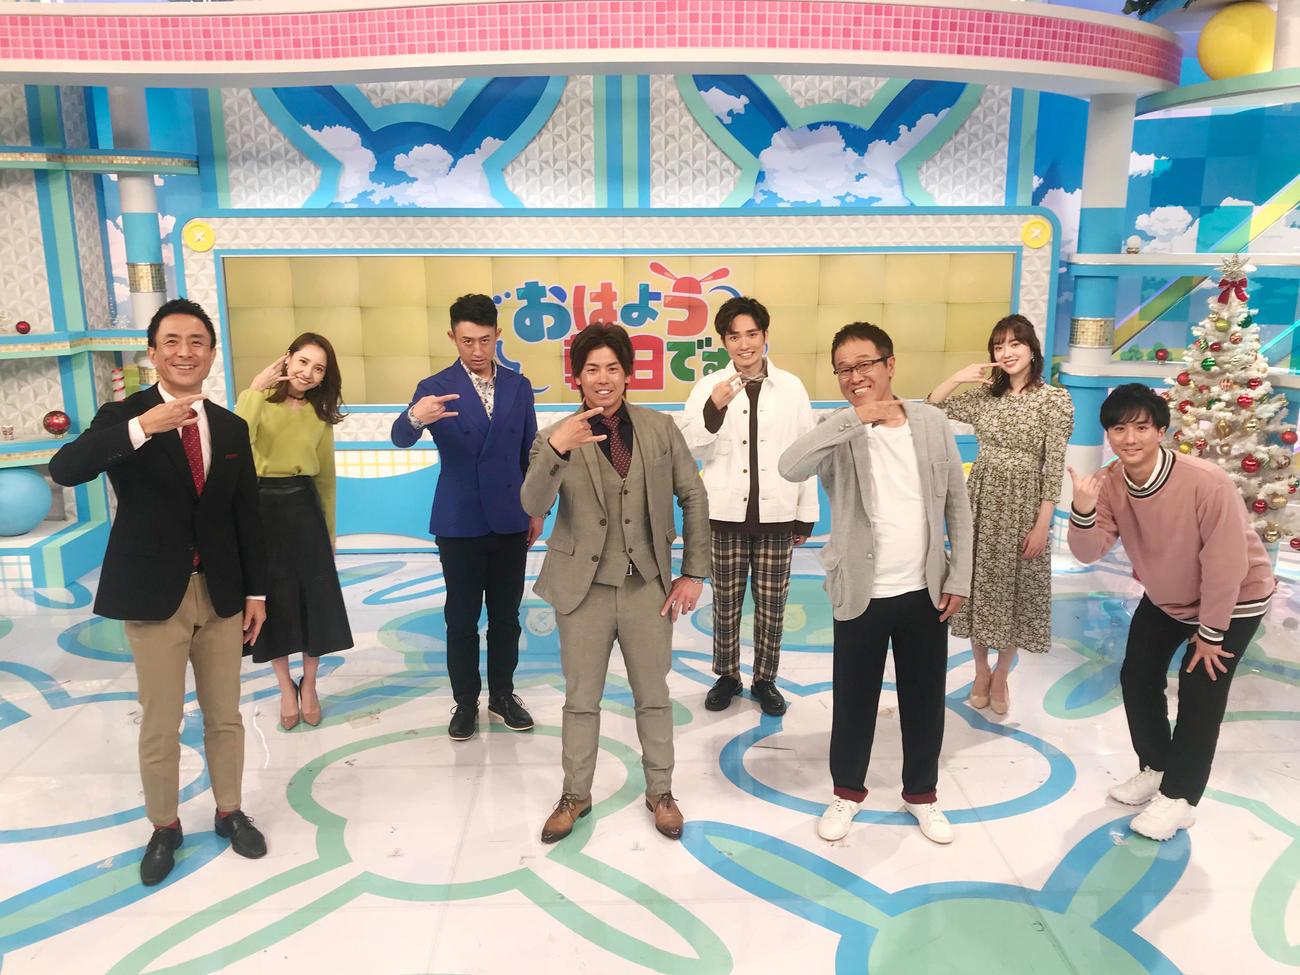 「おはよう朝日です」に出演した梅野隆太郎は出演者とポーズを決める(球団提供)